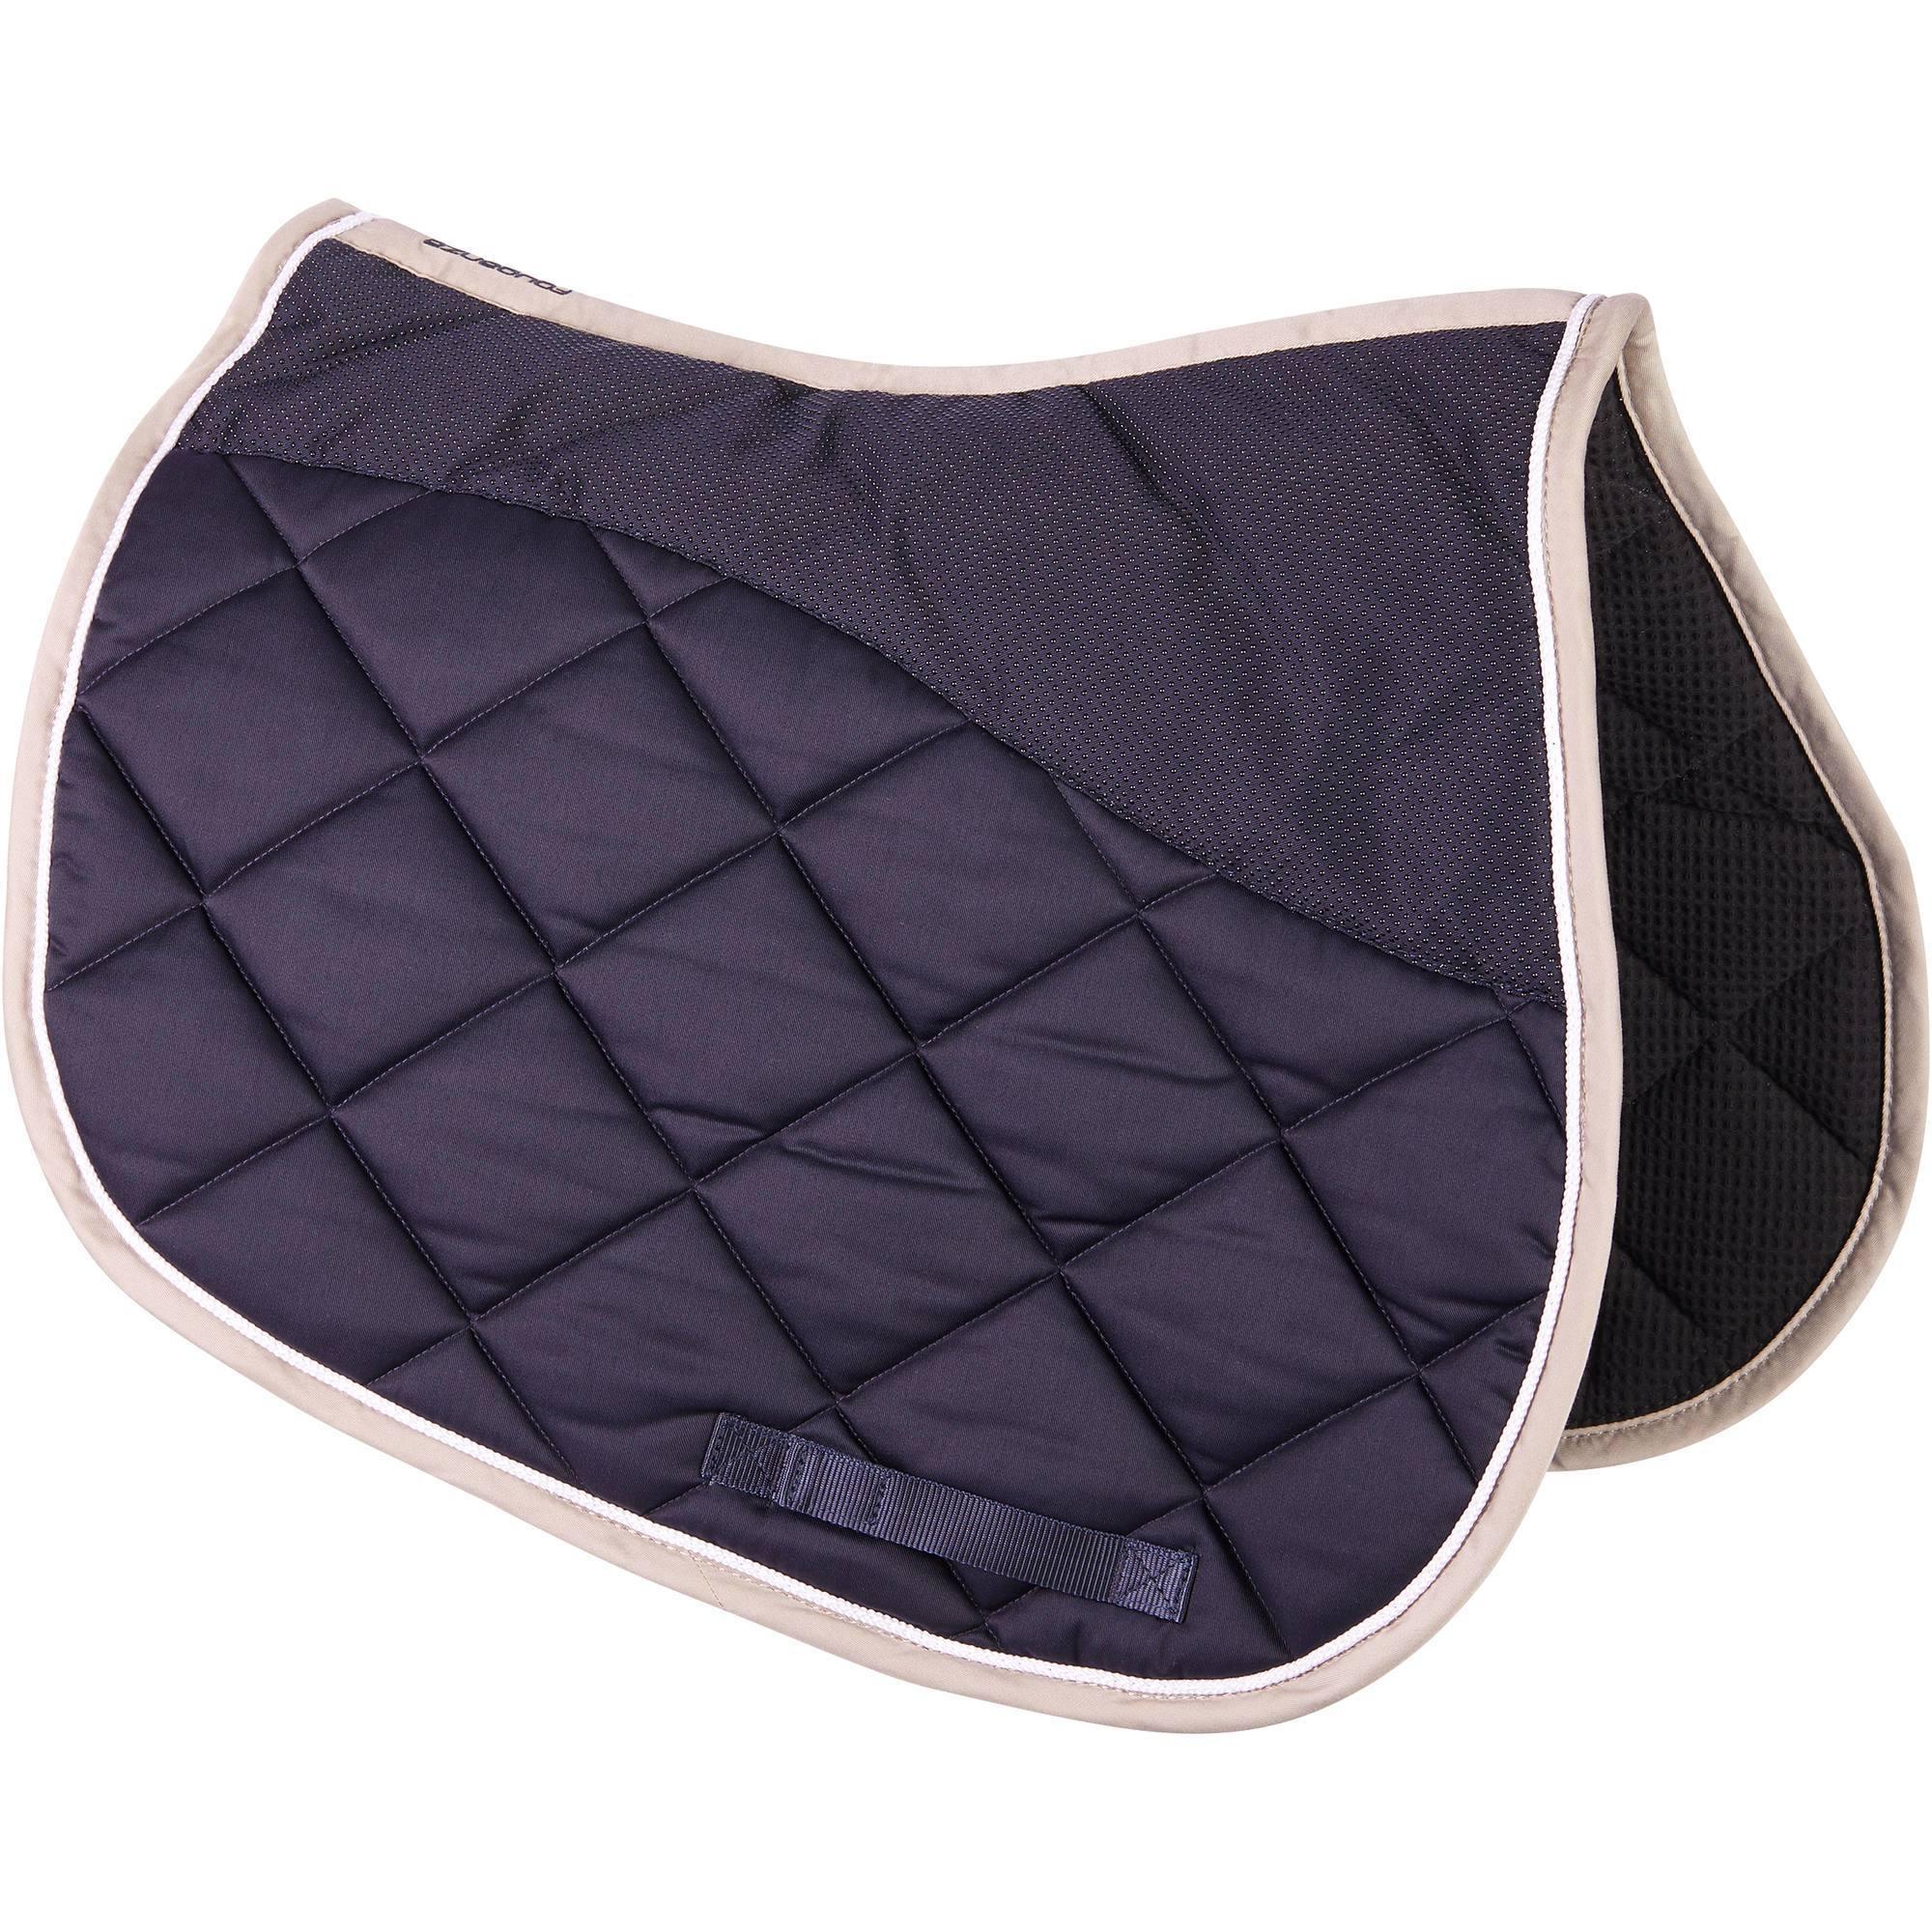 tapis 540 bleu marine. Black Bedroom Furniture Sets. Home Design Ideas